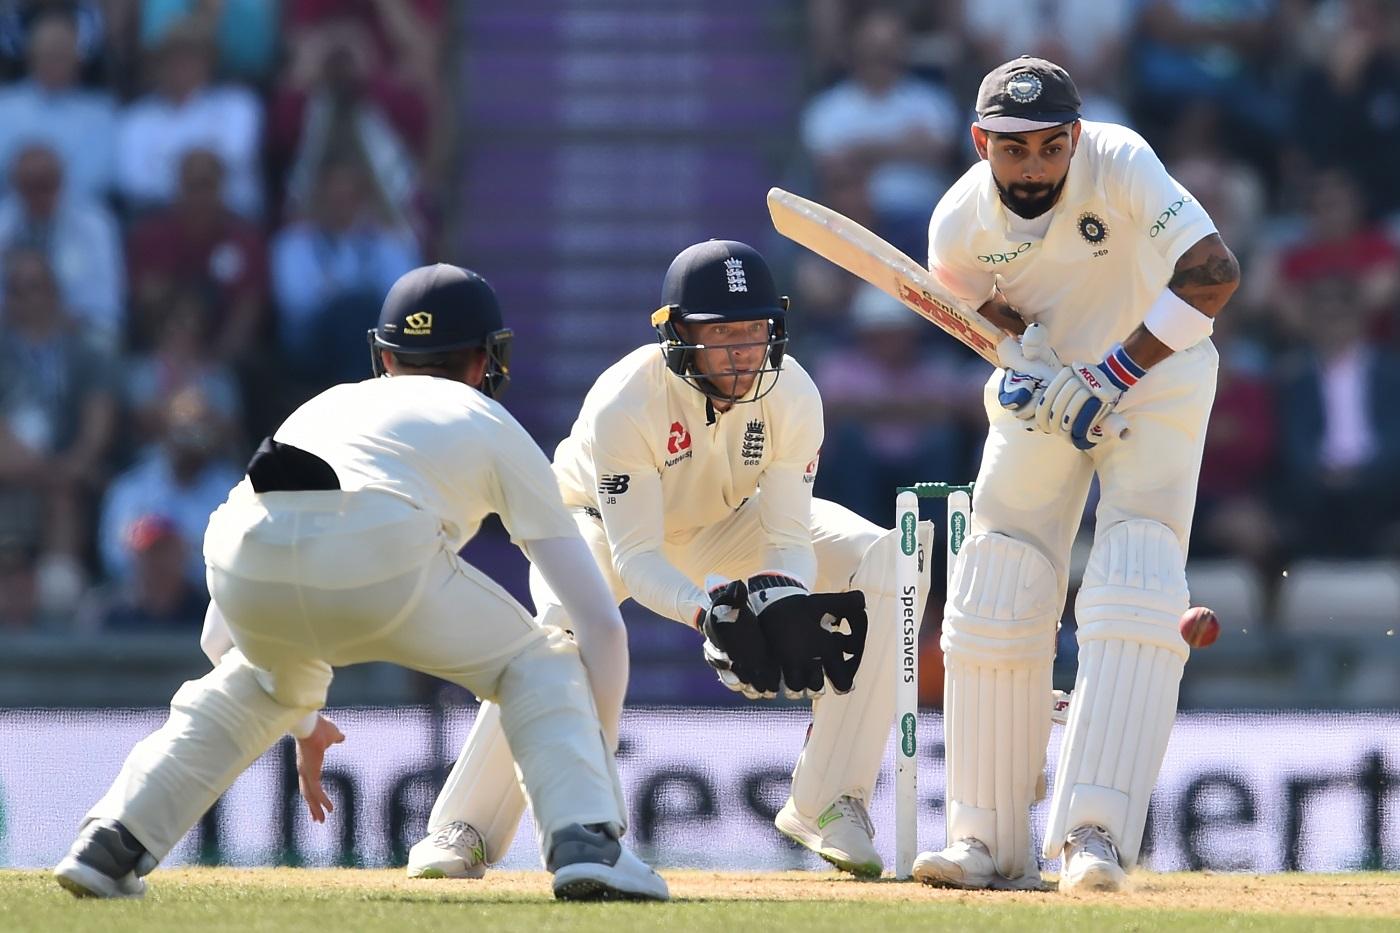 ইংল্যান্ড বনাম ভারত,চতুর্থ টেস্ট : চতুর্থ টেস্ট হারলো ভারতীয় টীম, ভক্তরা করলেন এই প্রতিক্রিয়া 1